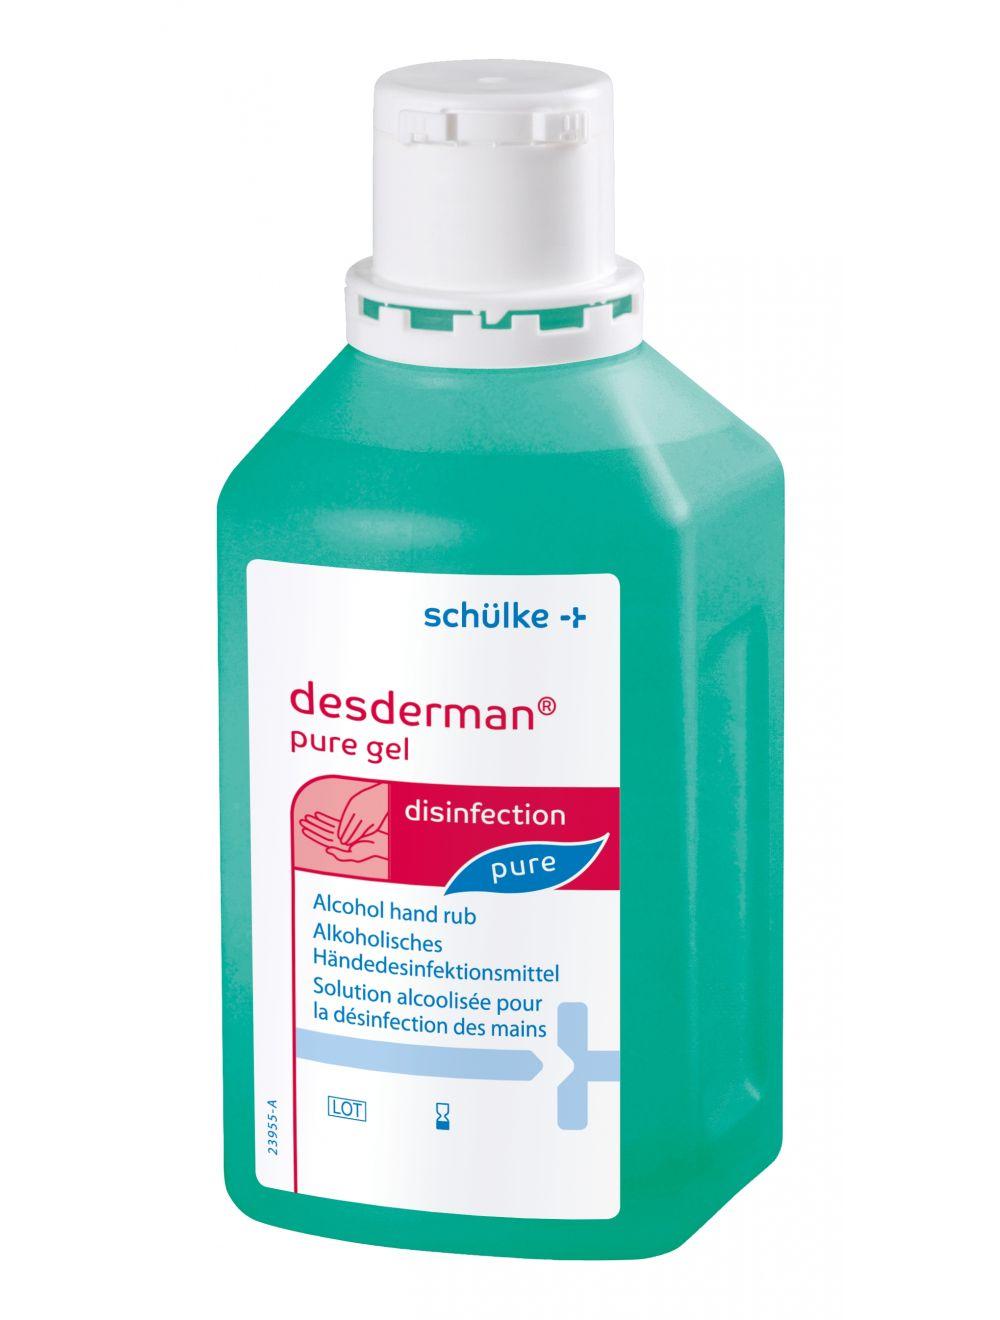 Desderman Pure Gel 500 ml